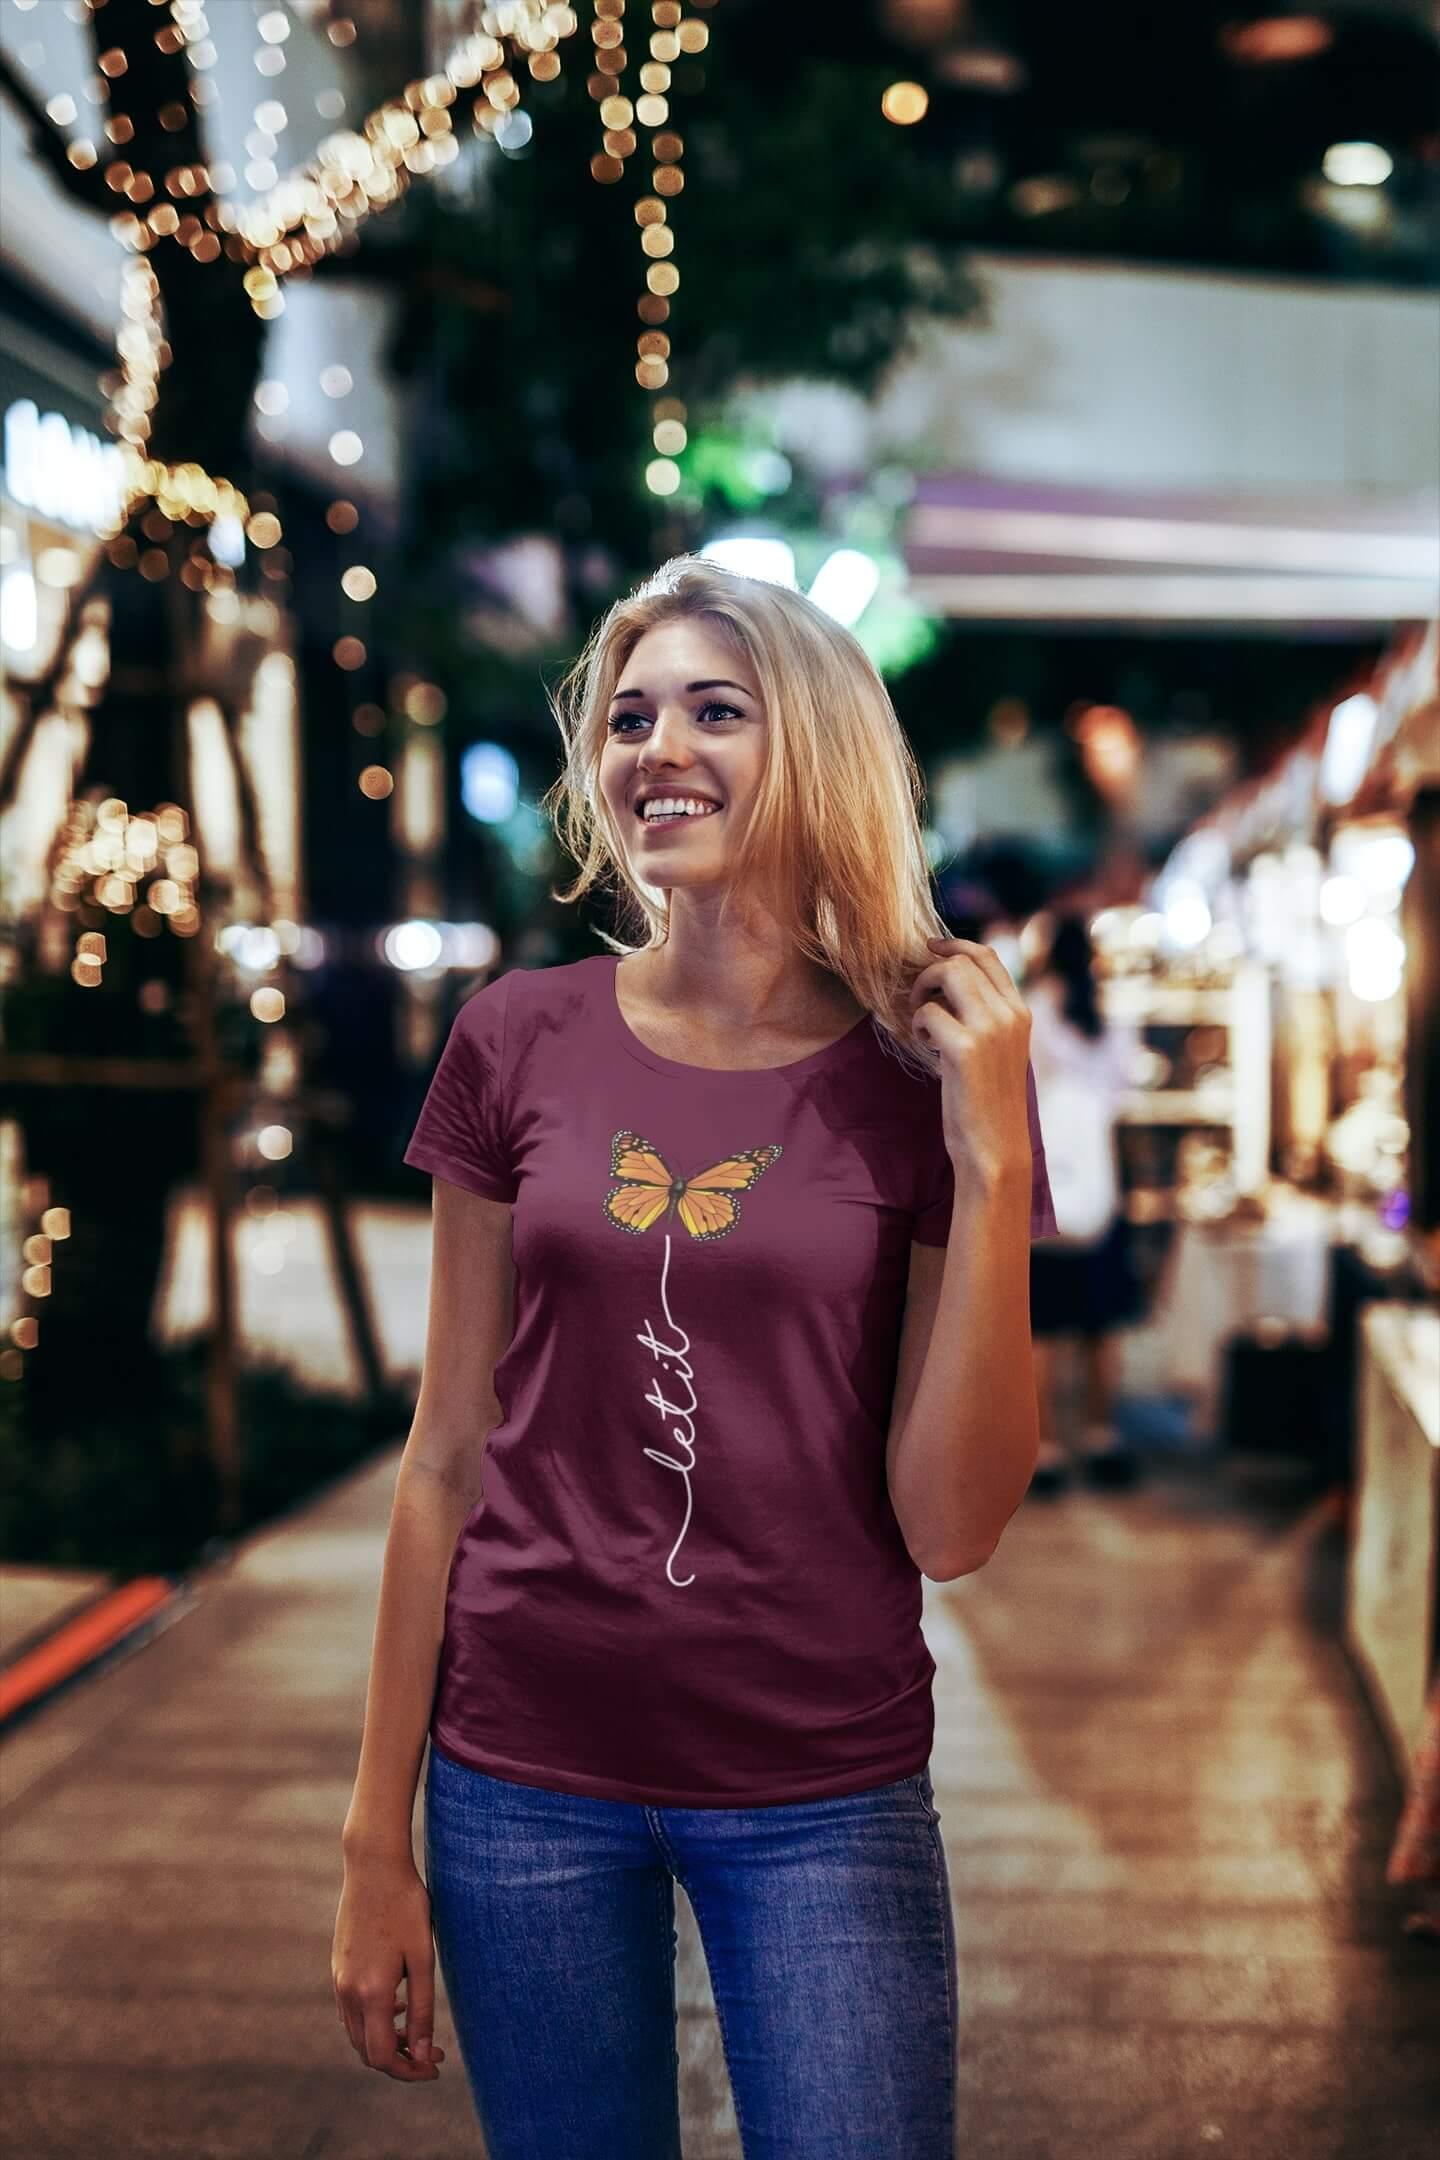 MMO Dámske tričko Let it motýľ Vyberte farbu: Fuchsiová, Vyberte veľkosť: S